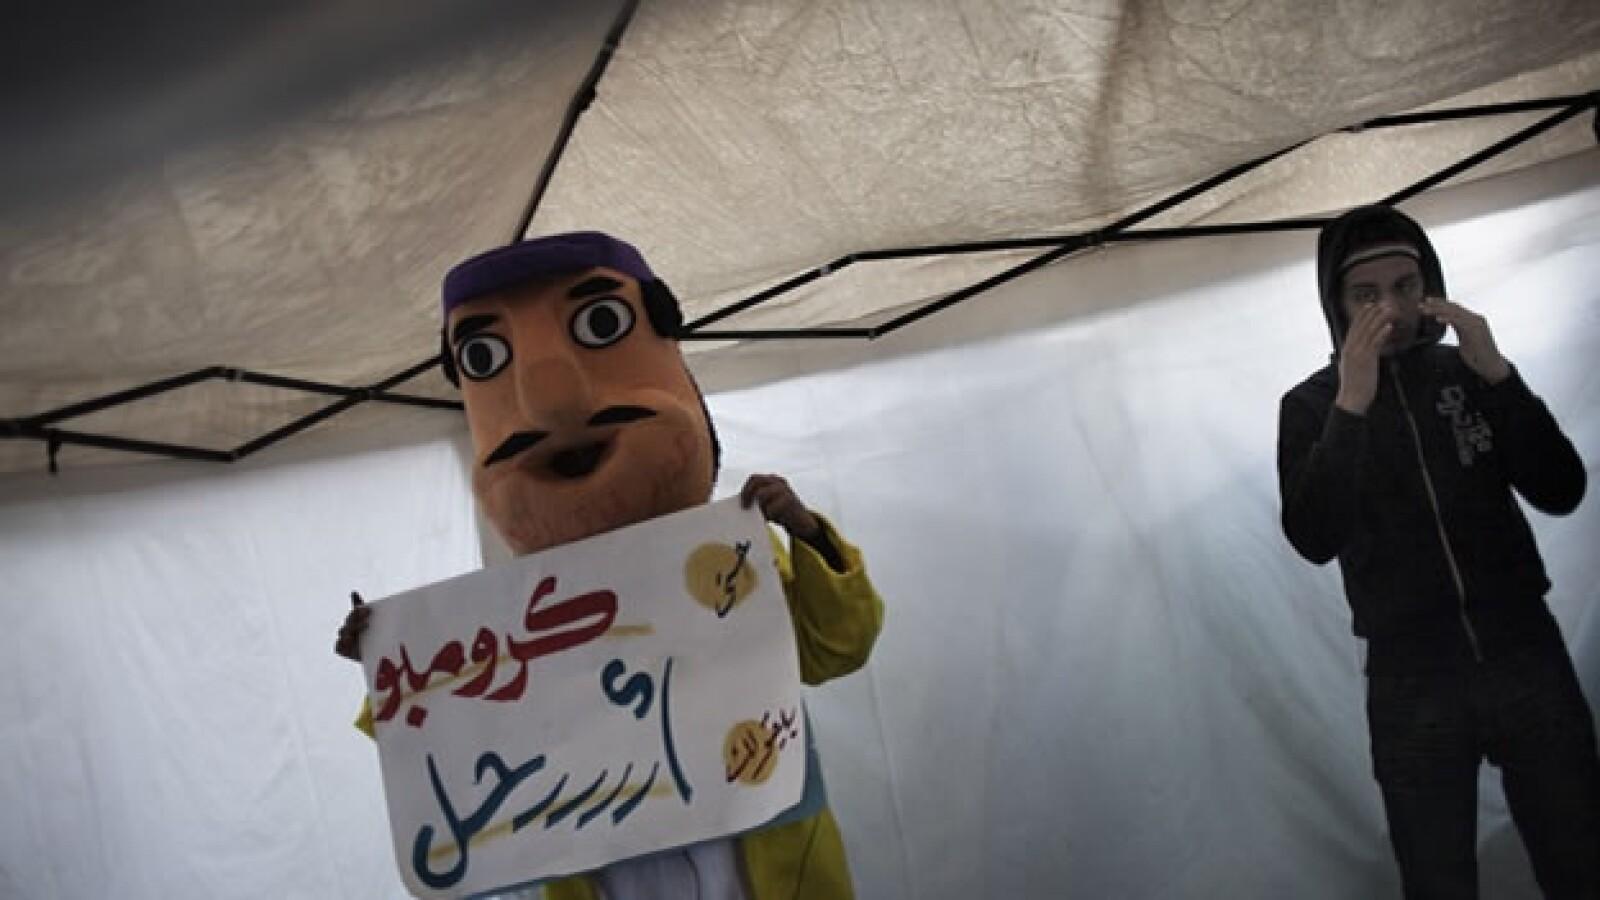 egipto protestas renuncia mubarak02egipto protestas renuncia mubarak02